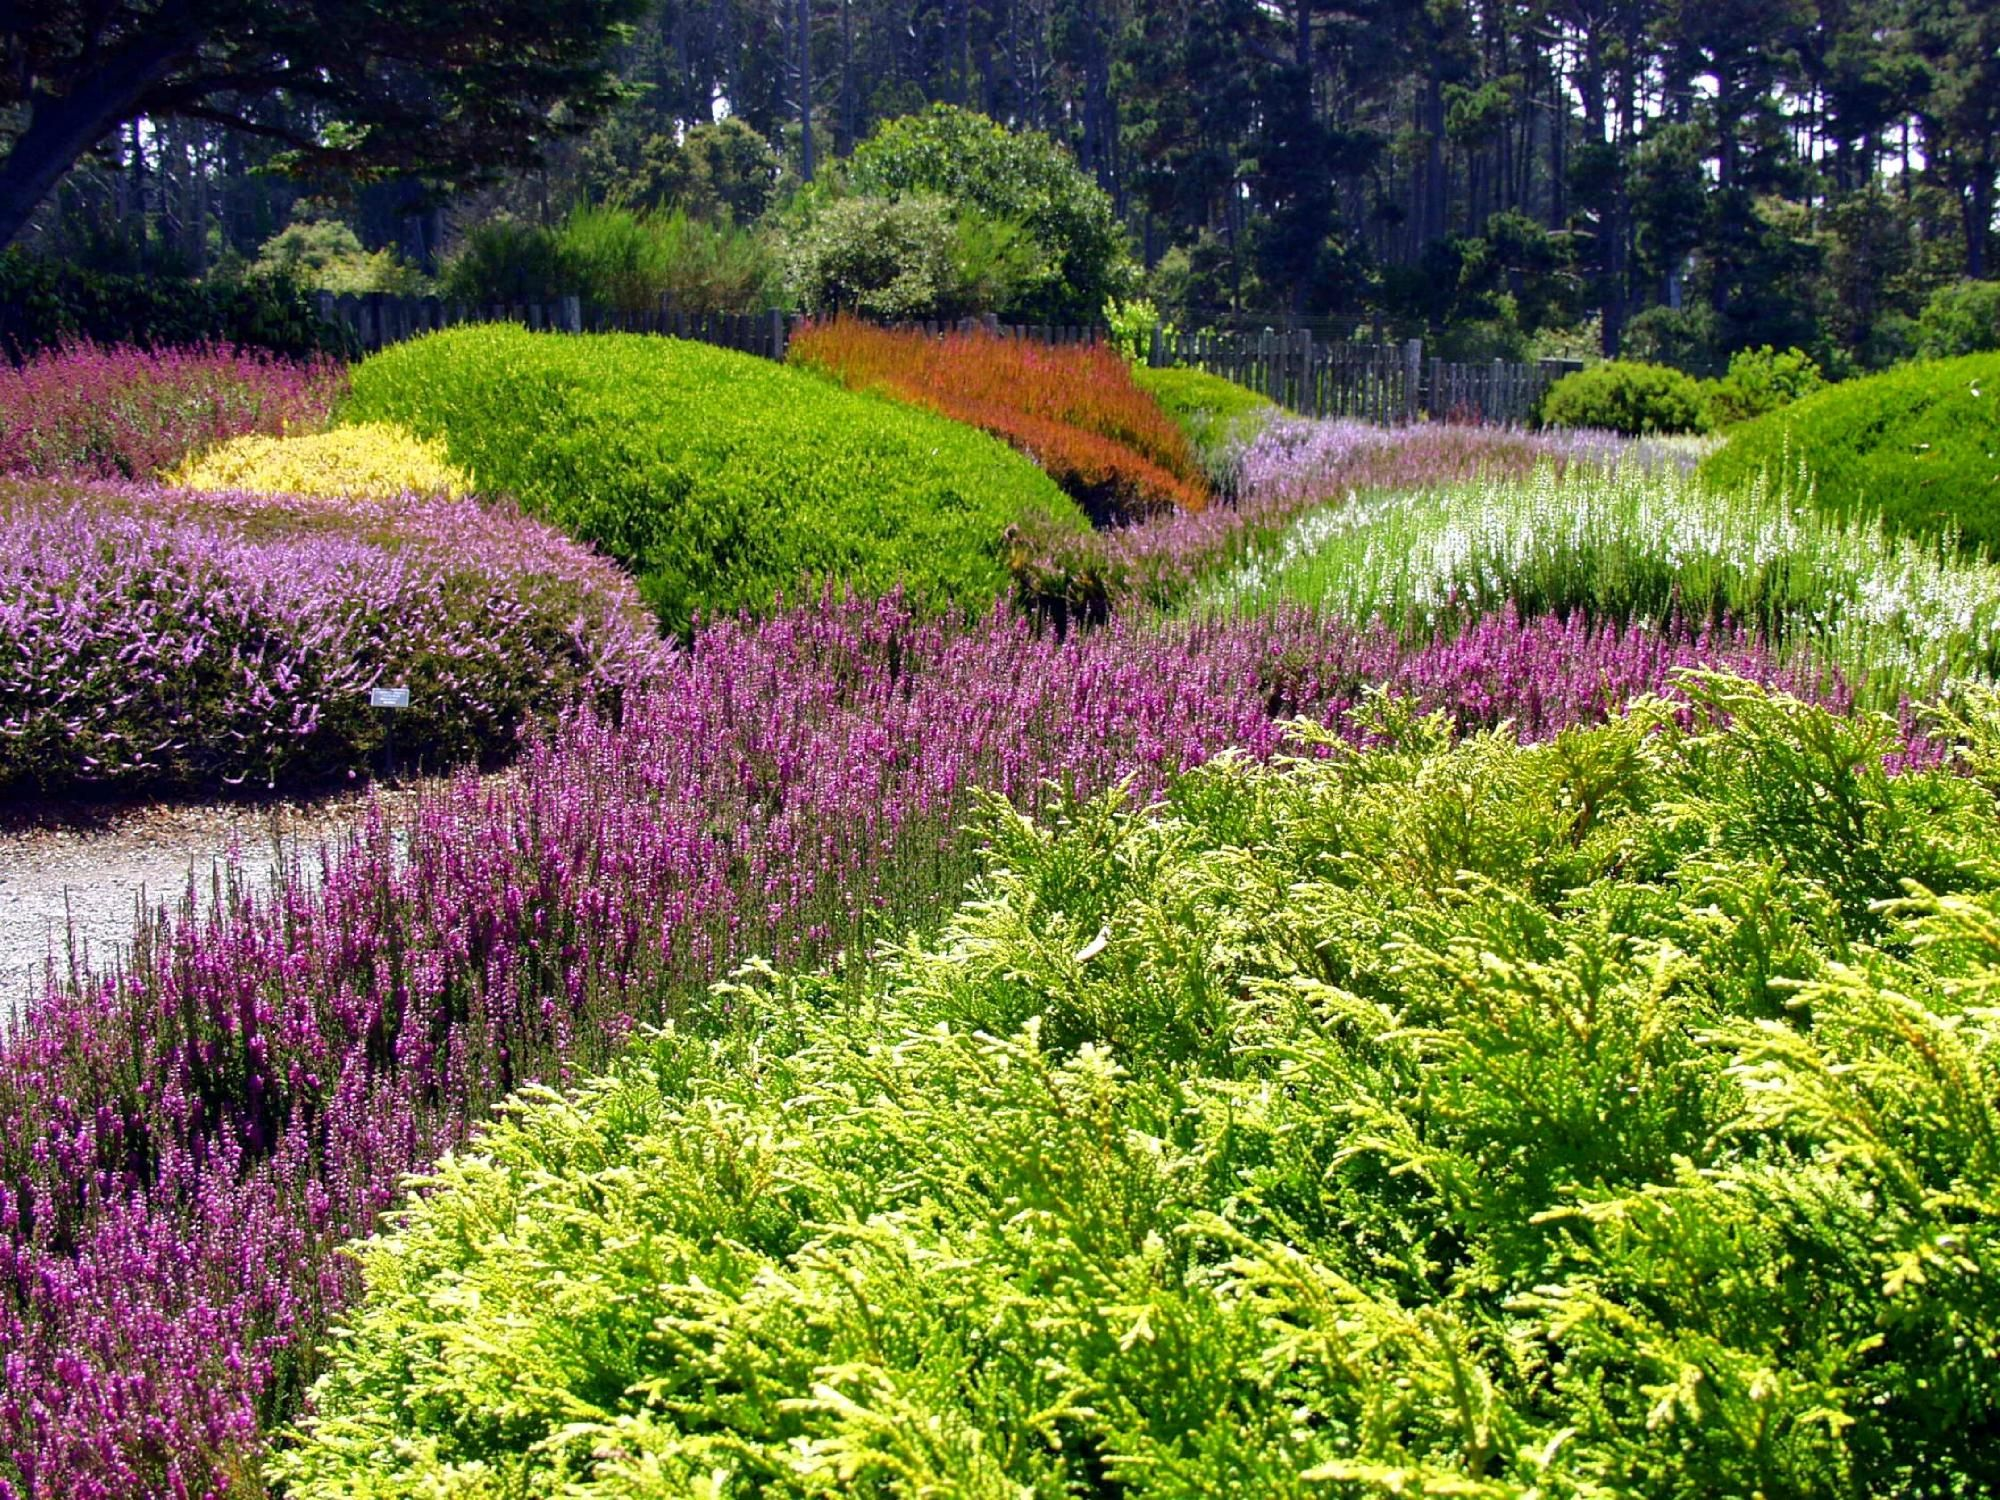 Mendocino Coast Botanical Gardens (Fort Bragg, CA): Hours, Address, Top